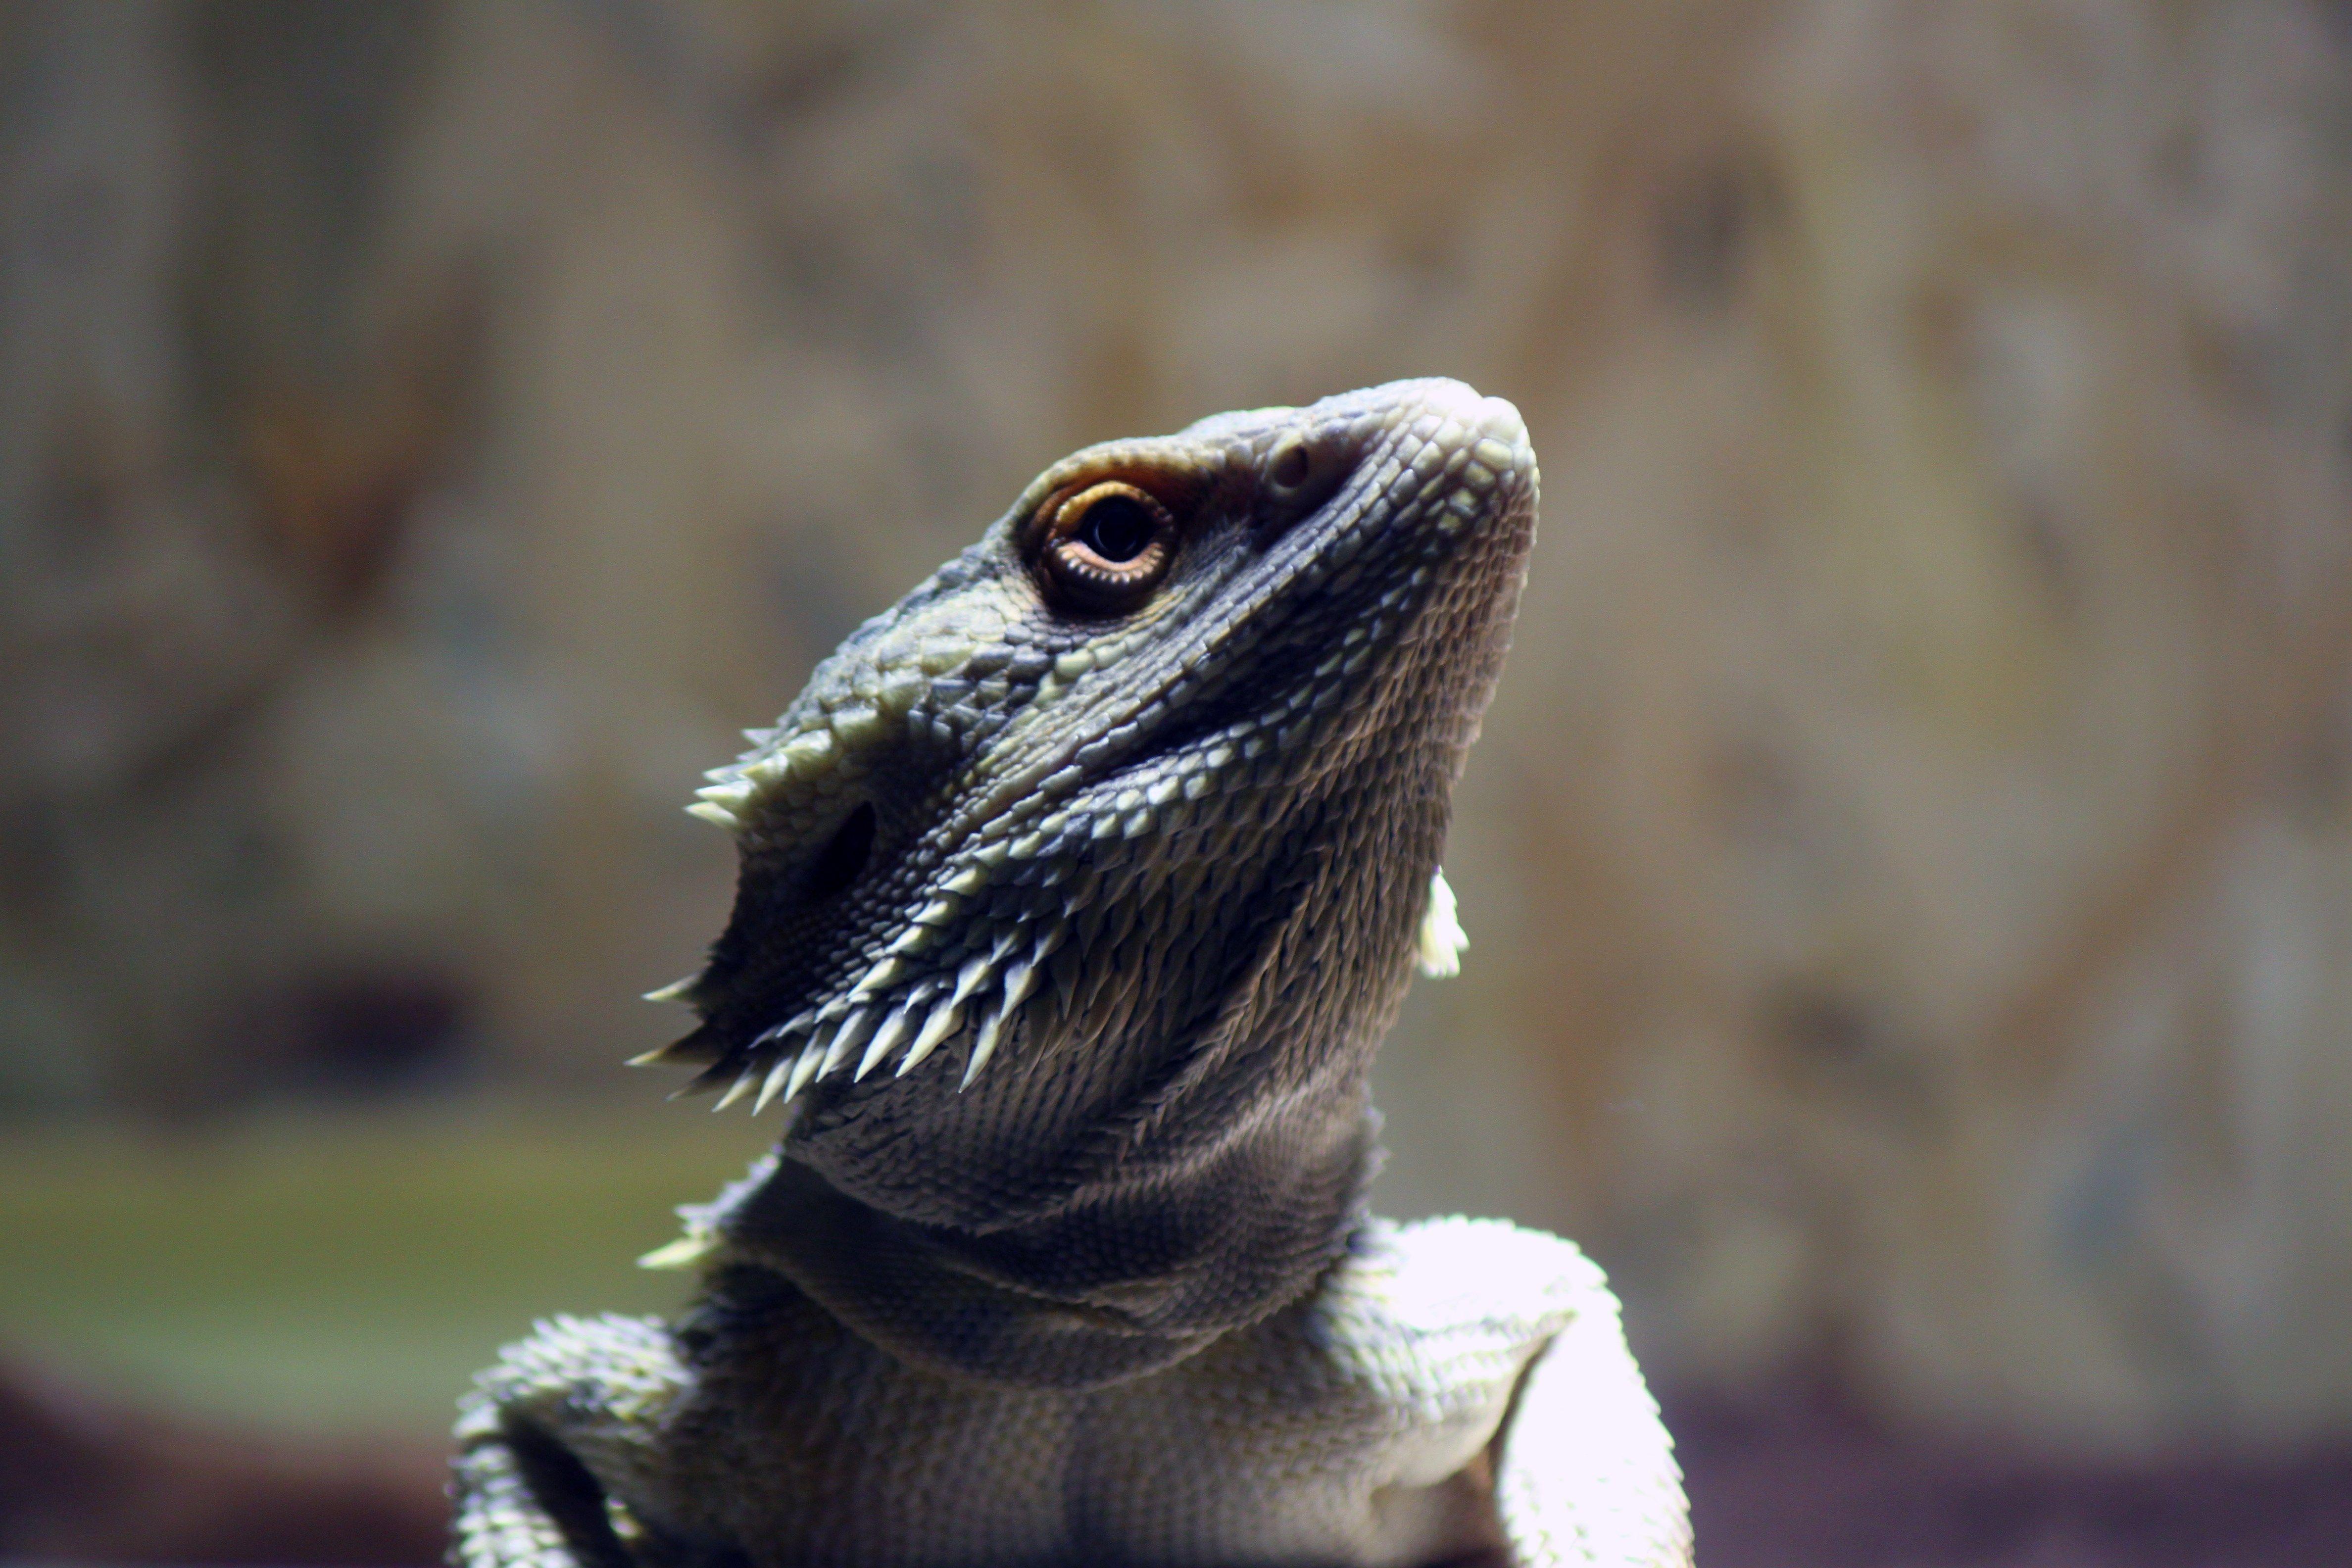 4k Bearded Dragon Hd Wallpaper 4752x3168 Bearded Dragon Bearded Dragon Care Pet Lizards